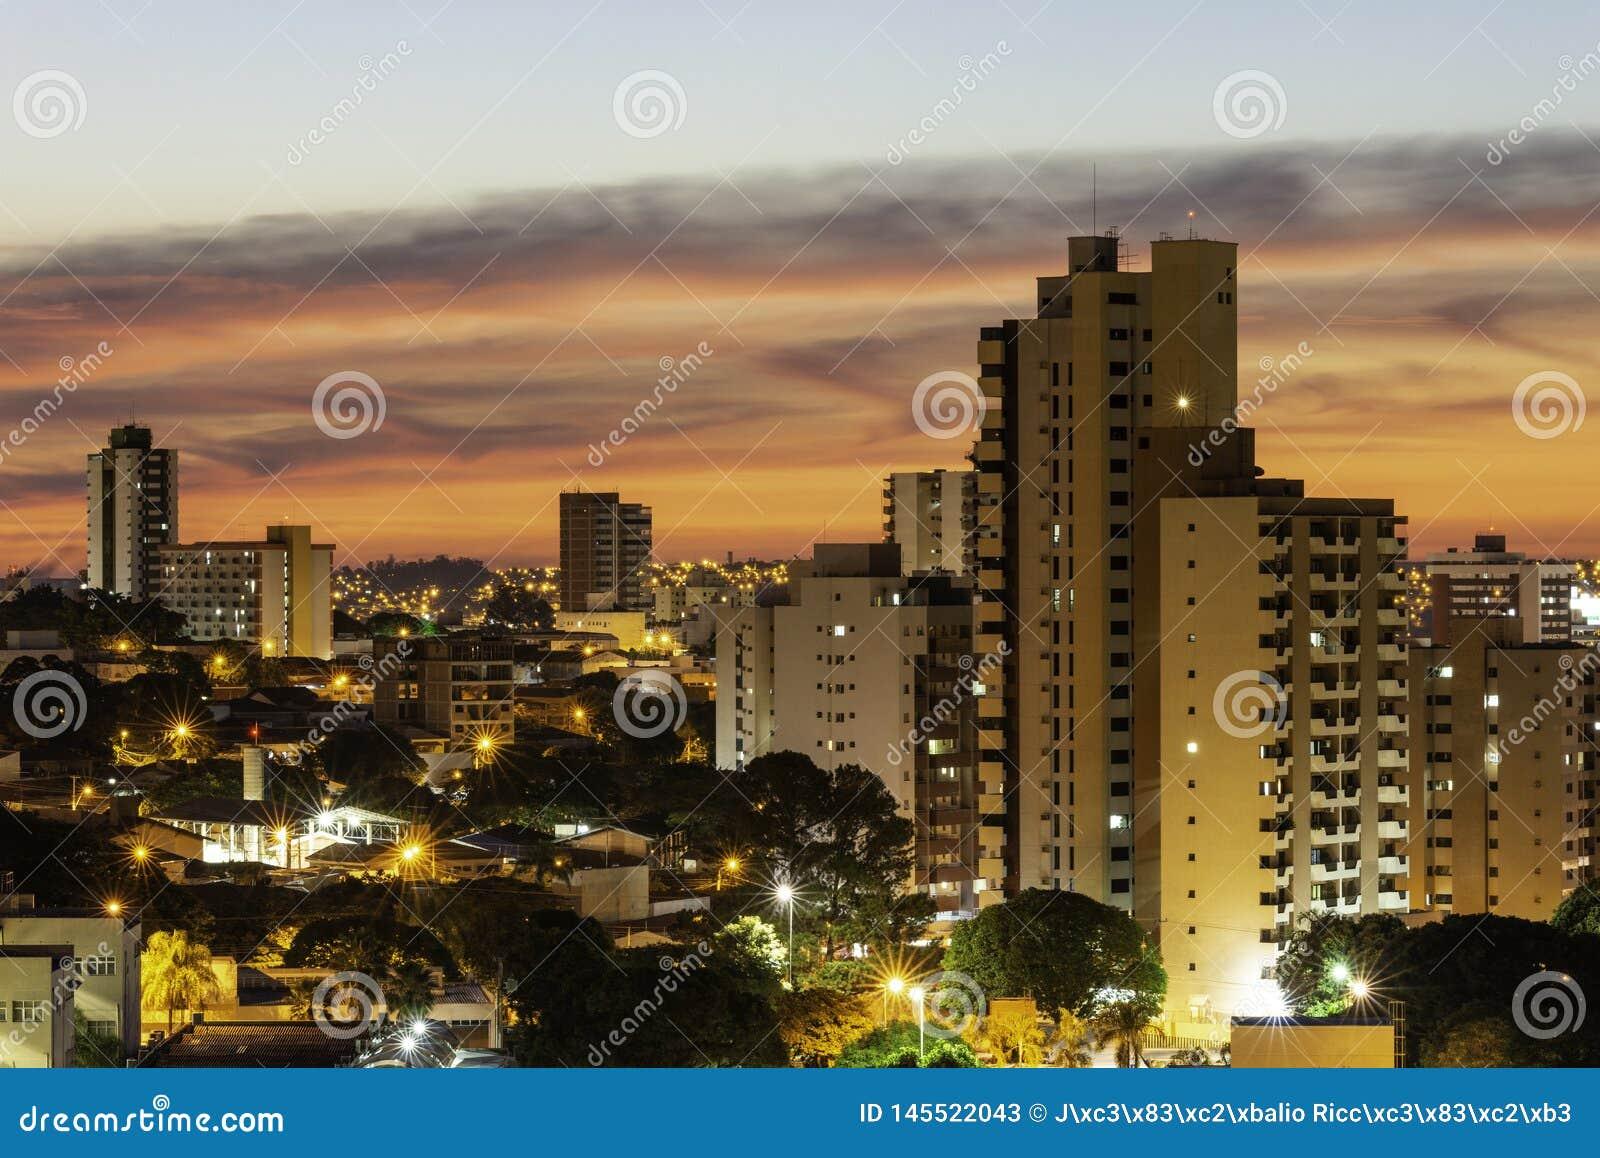 Bauru São Paulo fonte: thumbs.dreamstime.com